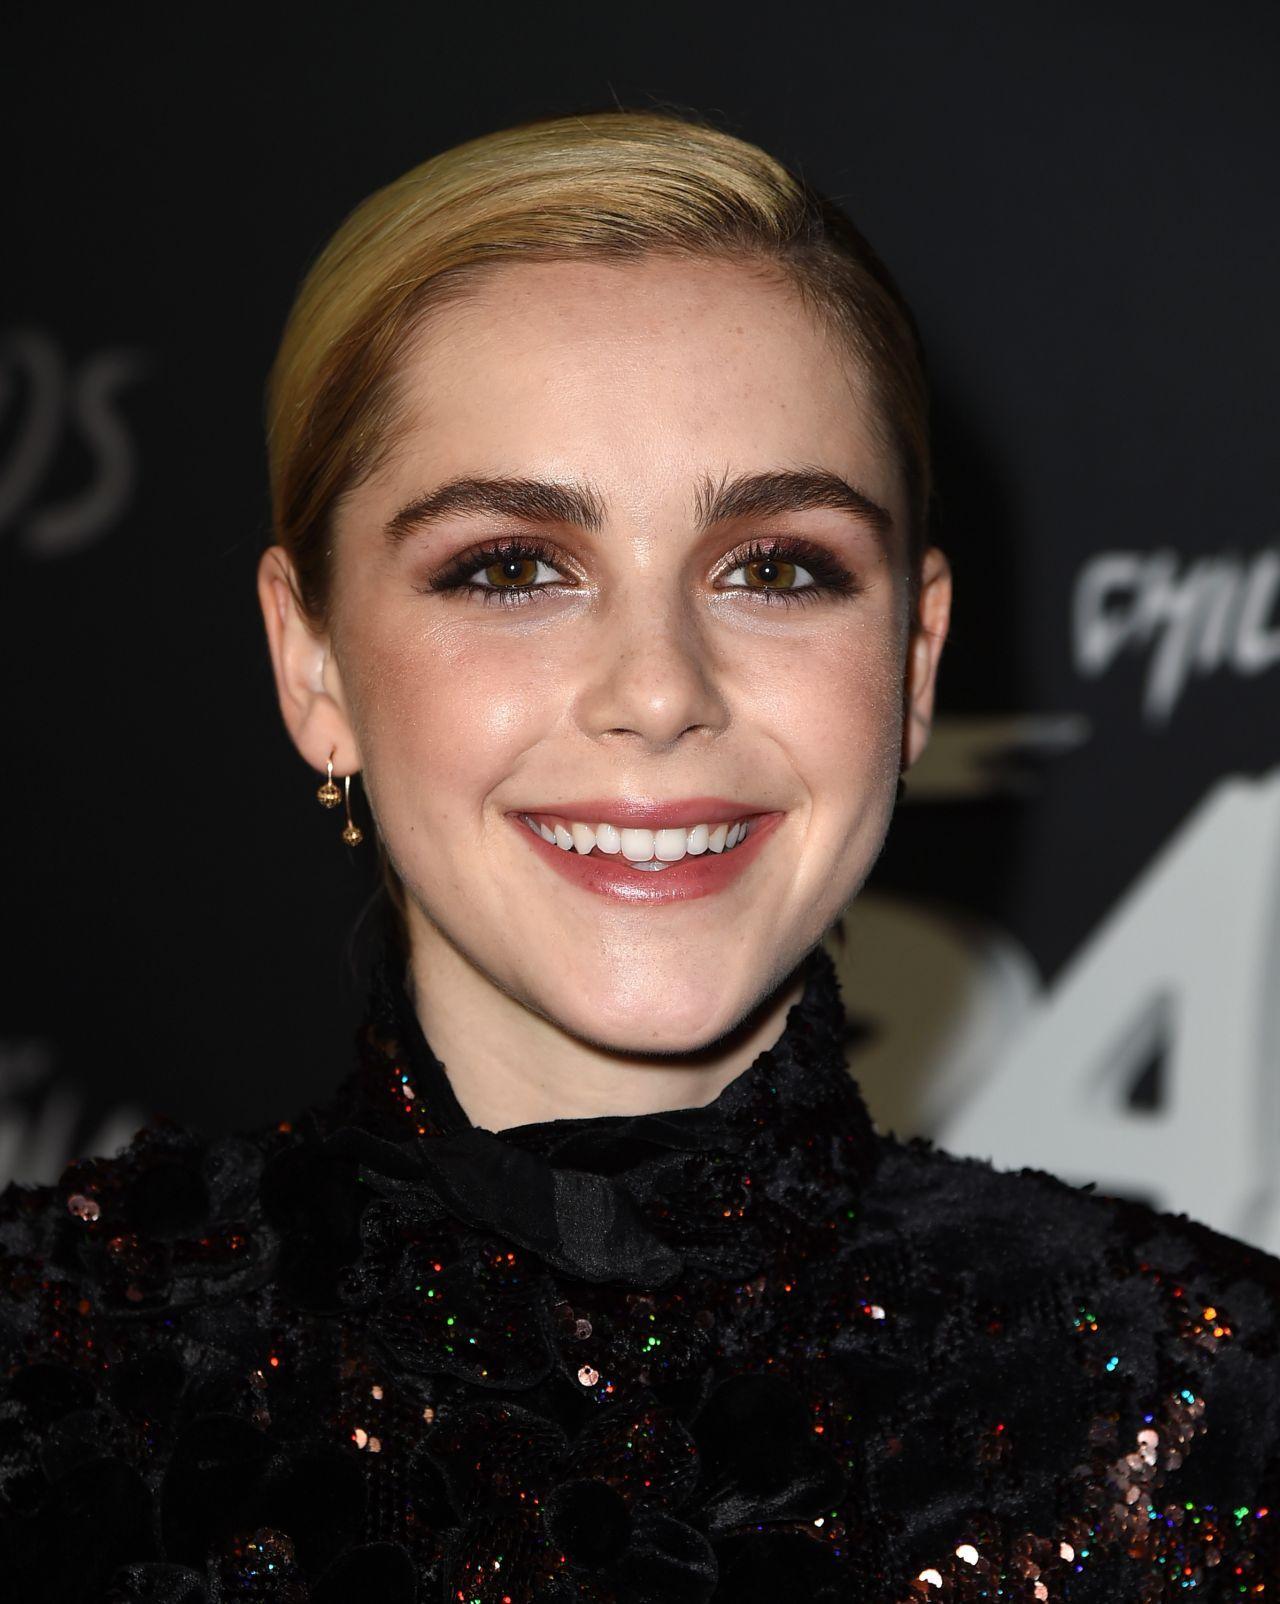 images Sabrina (actress)